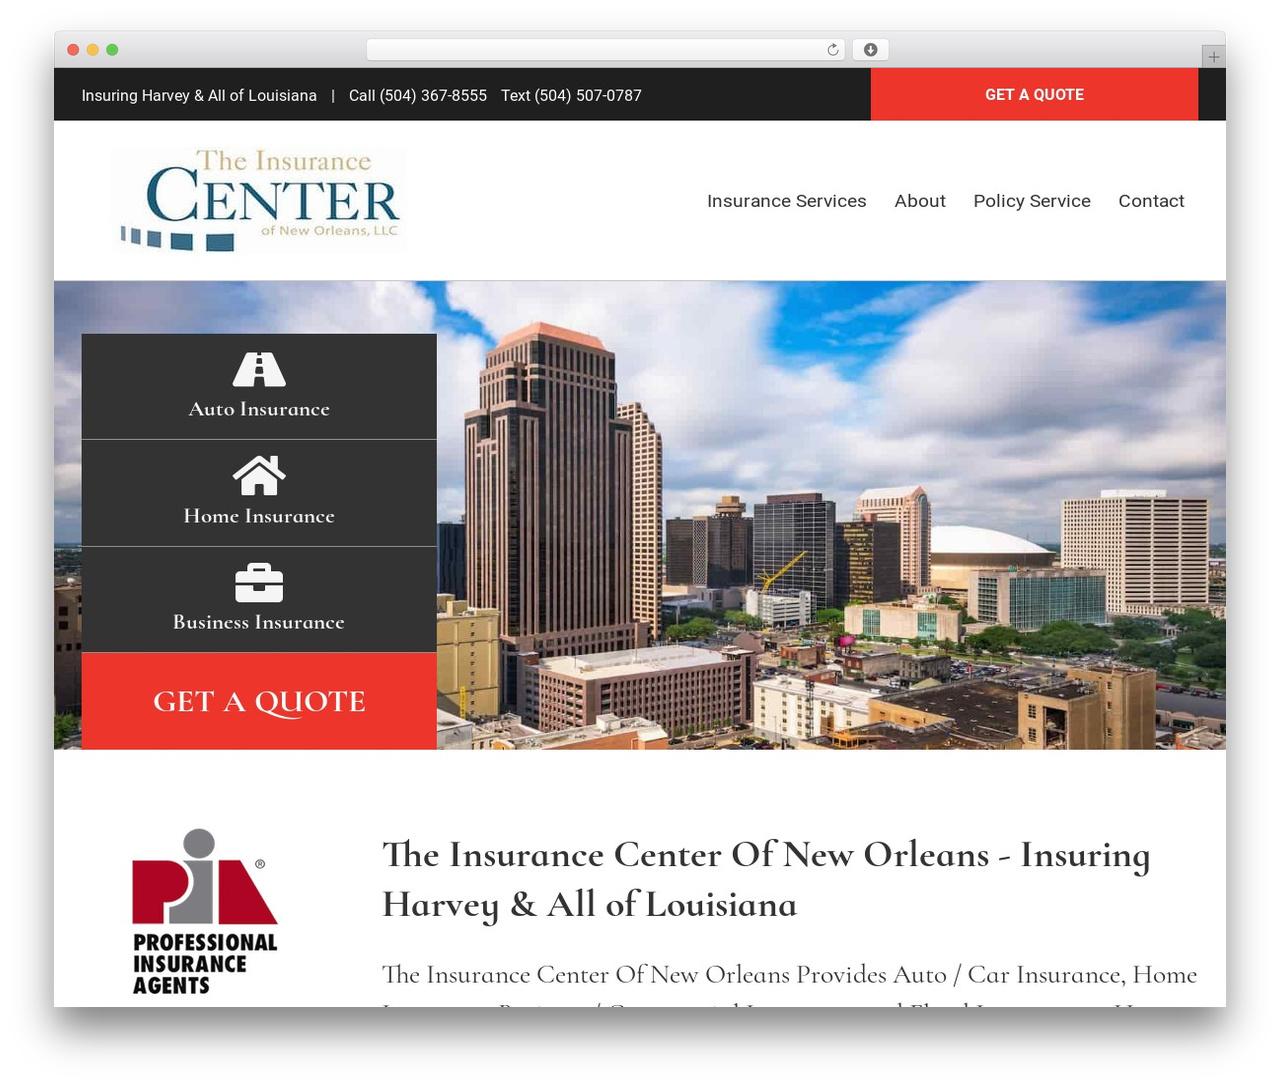 WordPress website template BrightFire Stellar - theinscenter.com